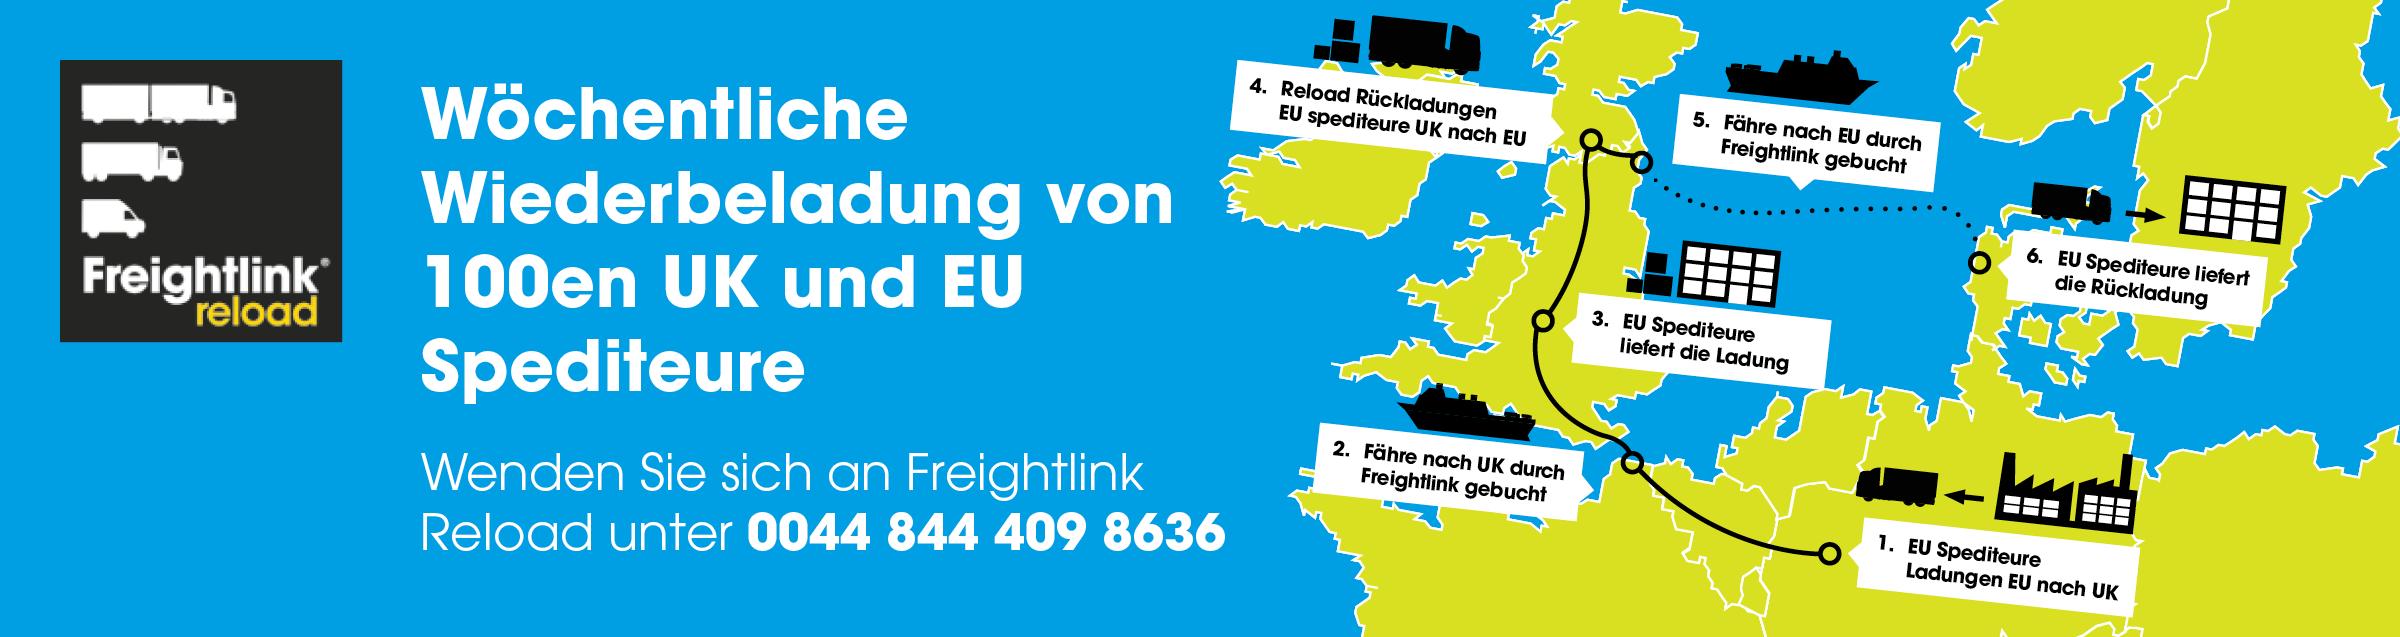 Freightlink Reload Backload